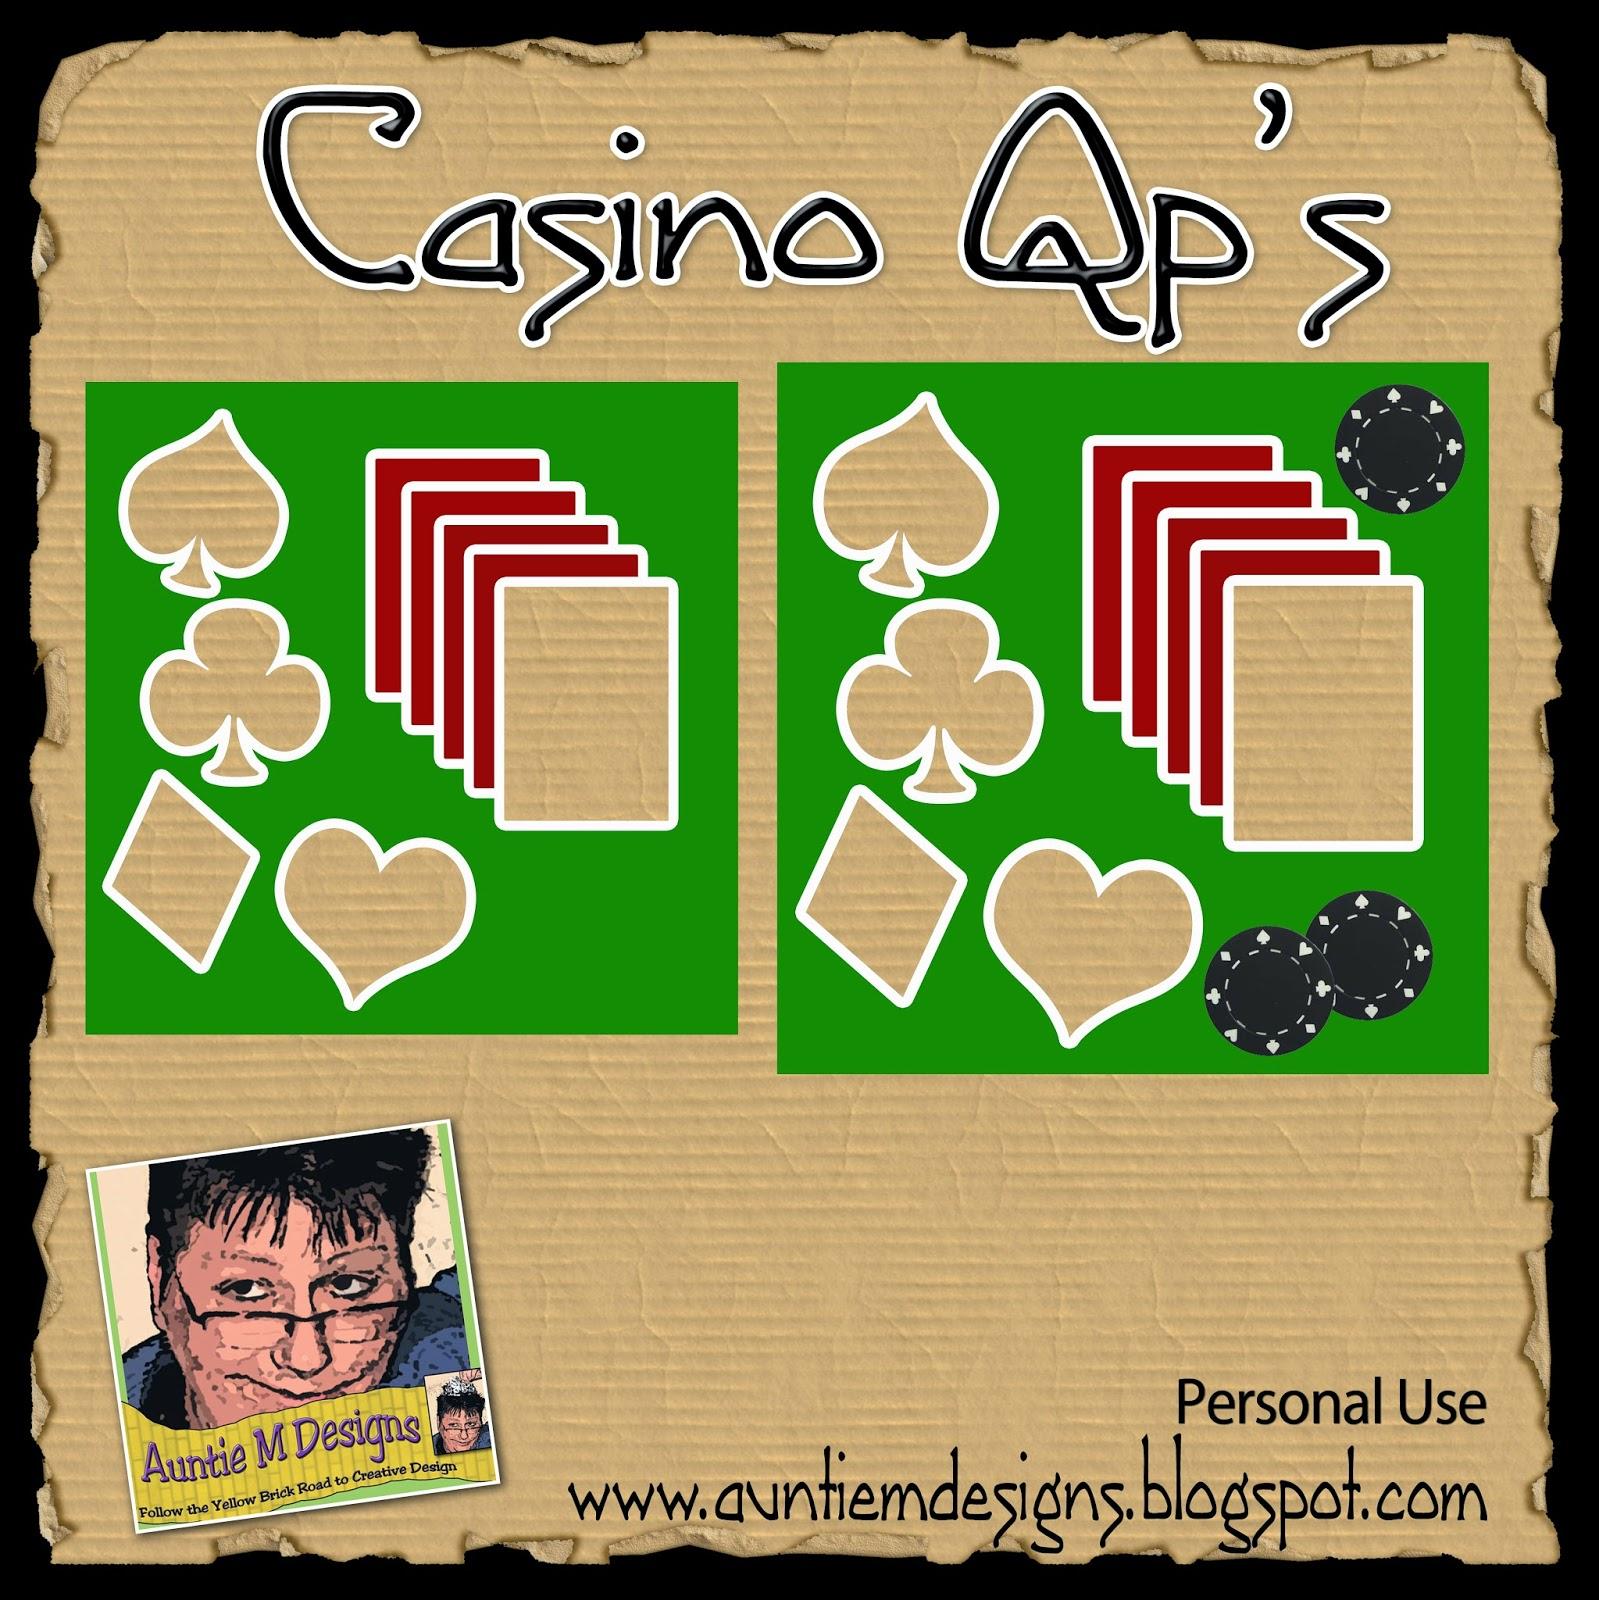 http://1.bp.blogspot.com/-7SgGvxrR_kU/U58bIivCv1I/AAAAAAAAGzY/H6zKrZt9EQg/s1600/amd-preview+template+copy.jpg